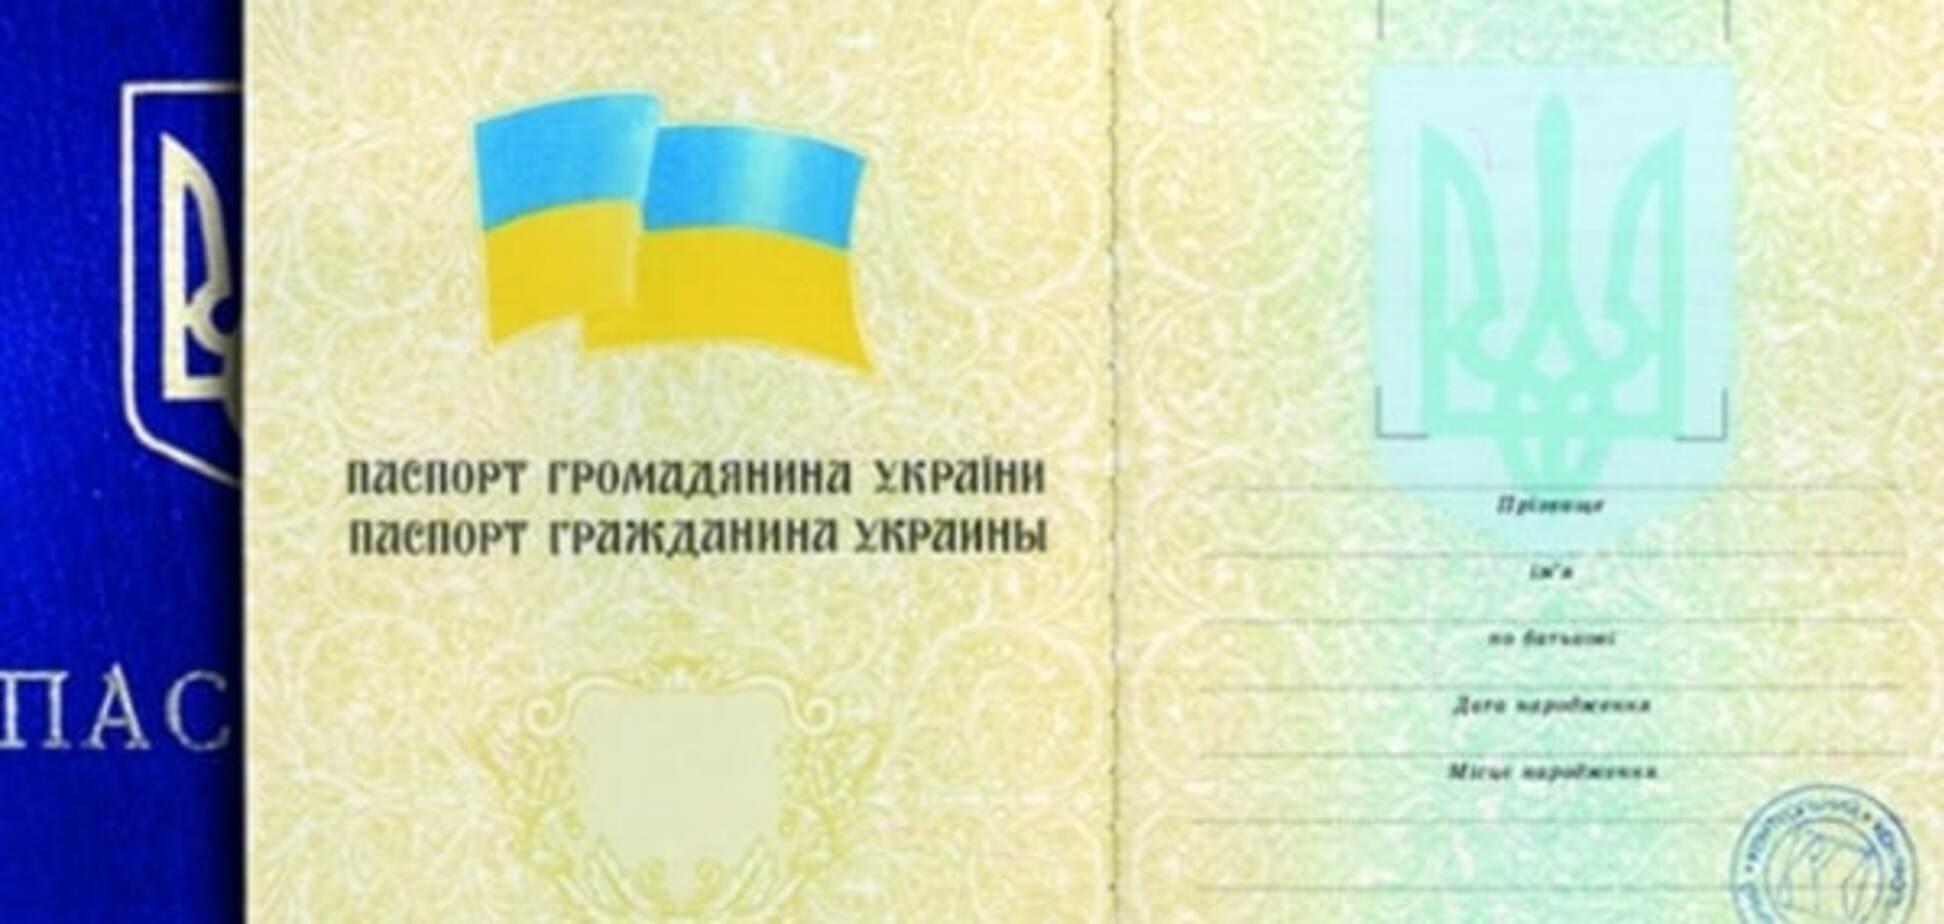 Без мови окупантів: Порошенко розгляне петицію про українські паспорти